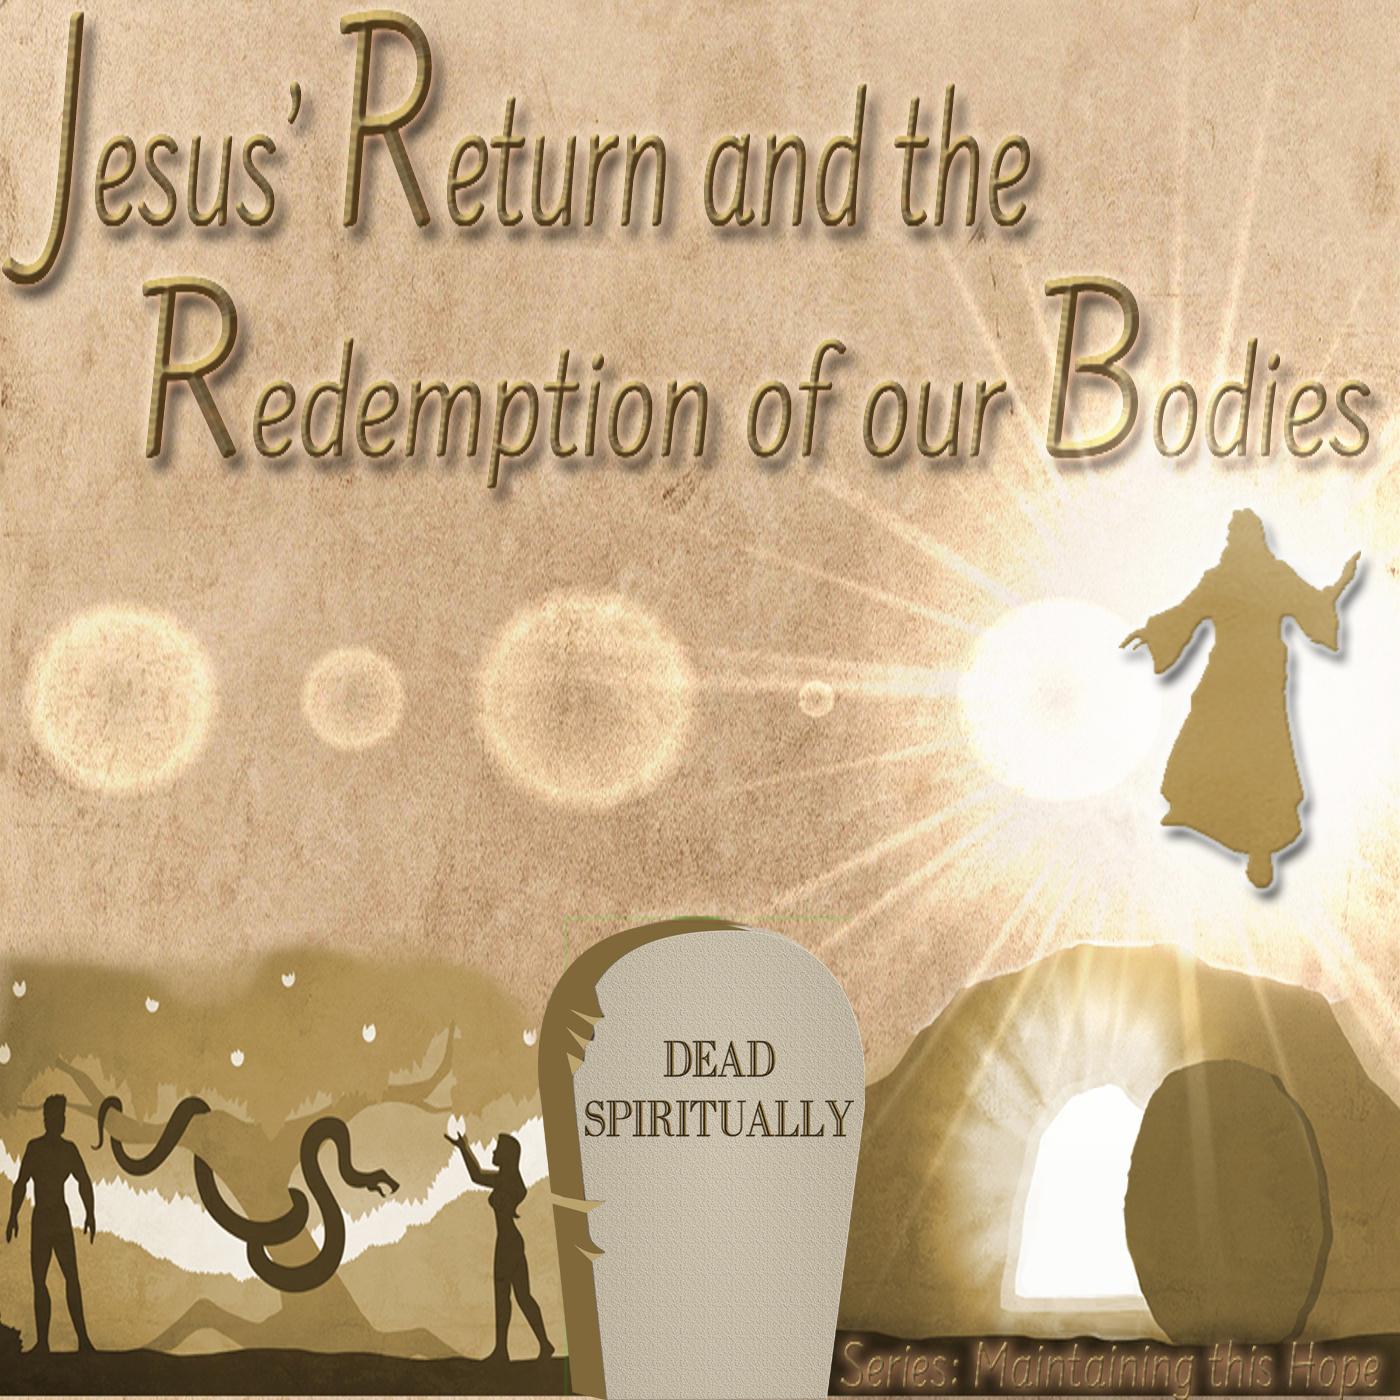 Return redemption